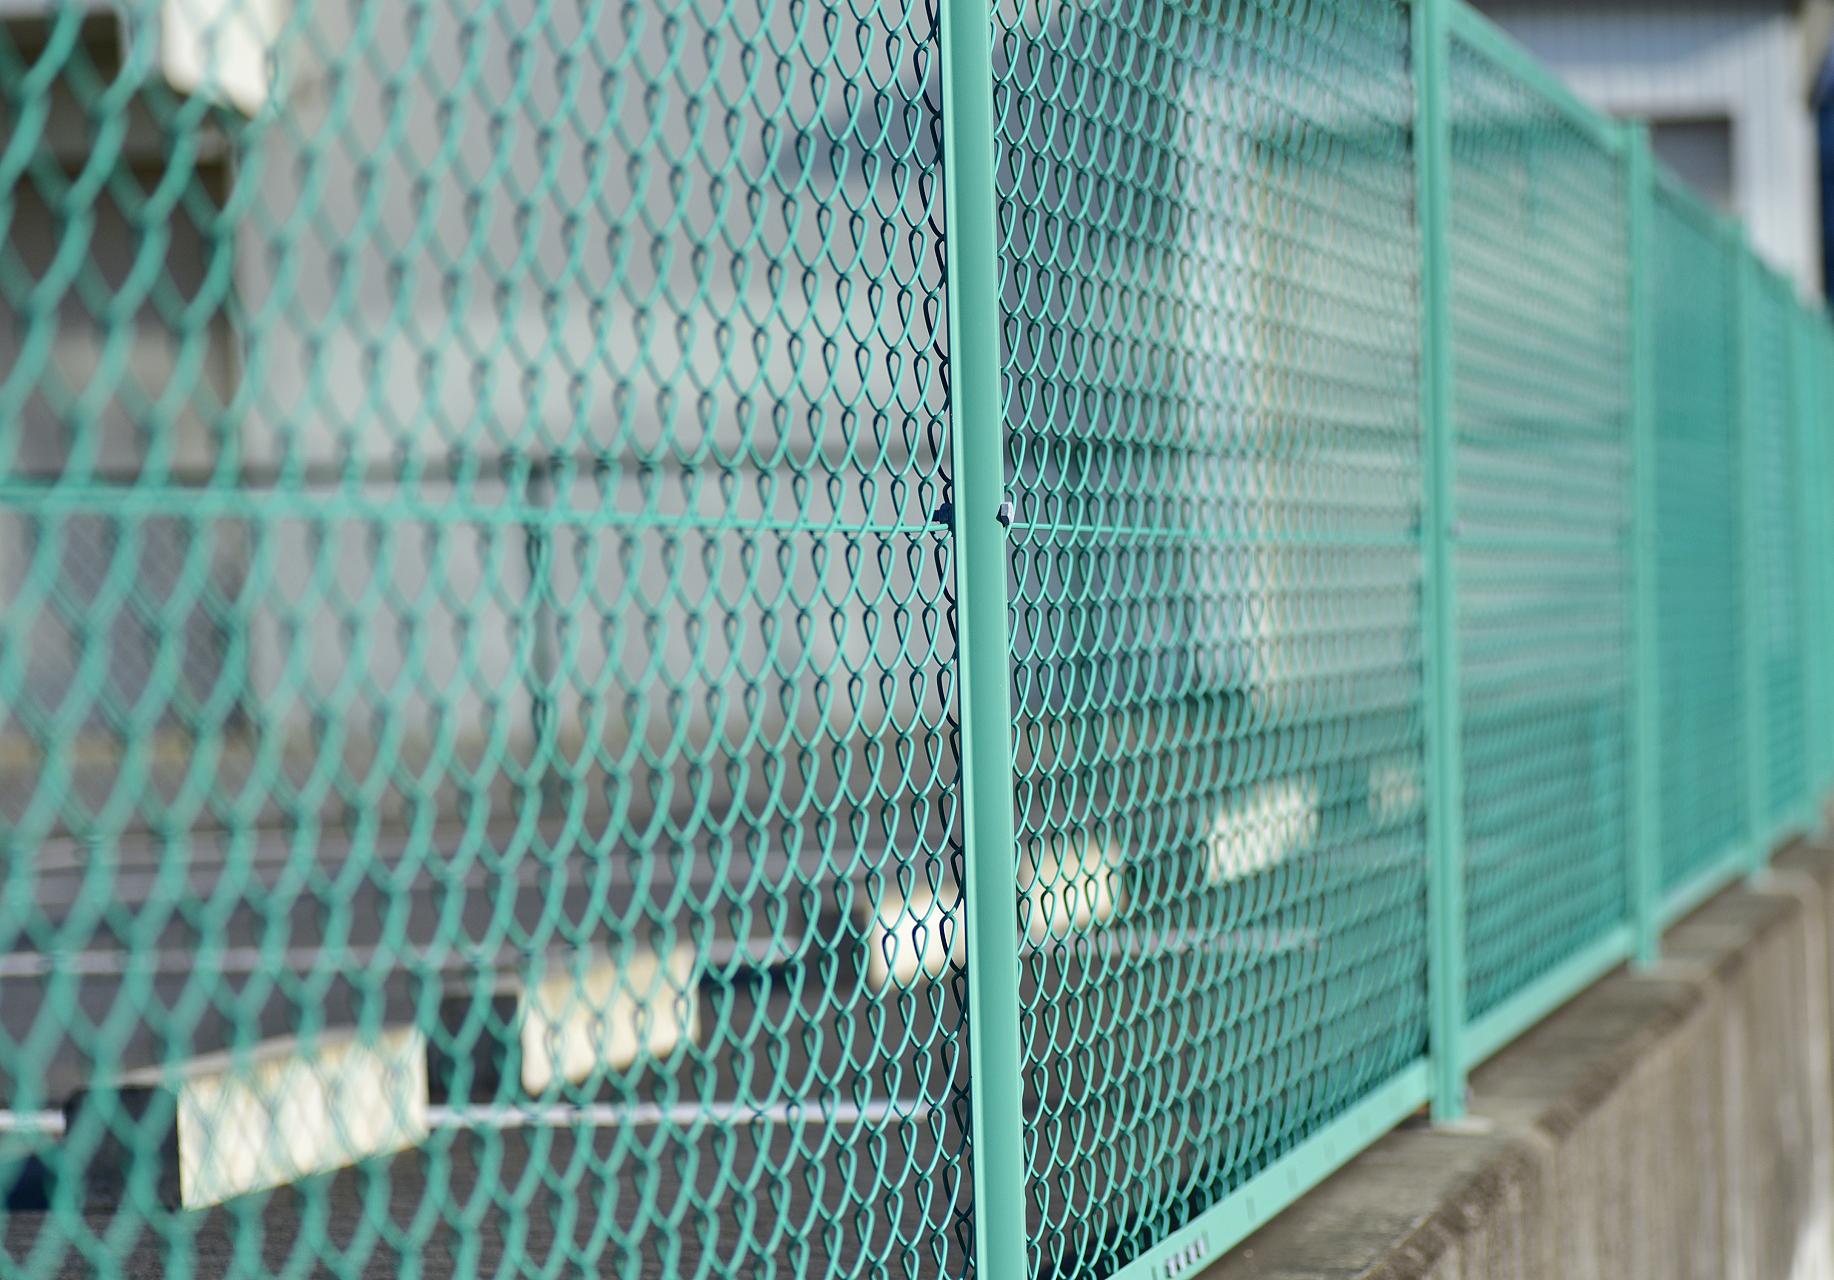 フェンス工事、エクステリア工事・防止柵】株式会社中山フェンス|仕事内容